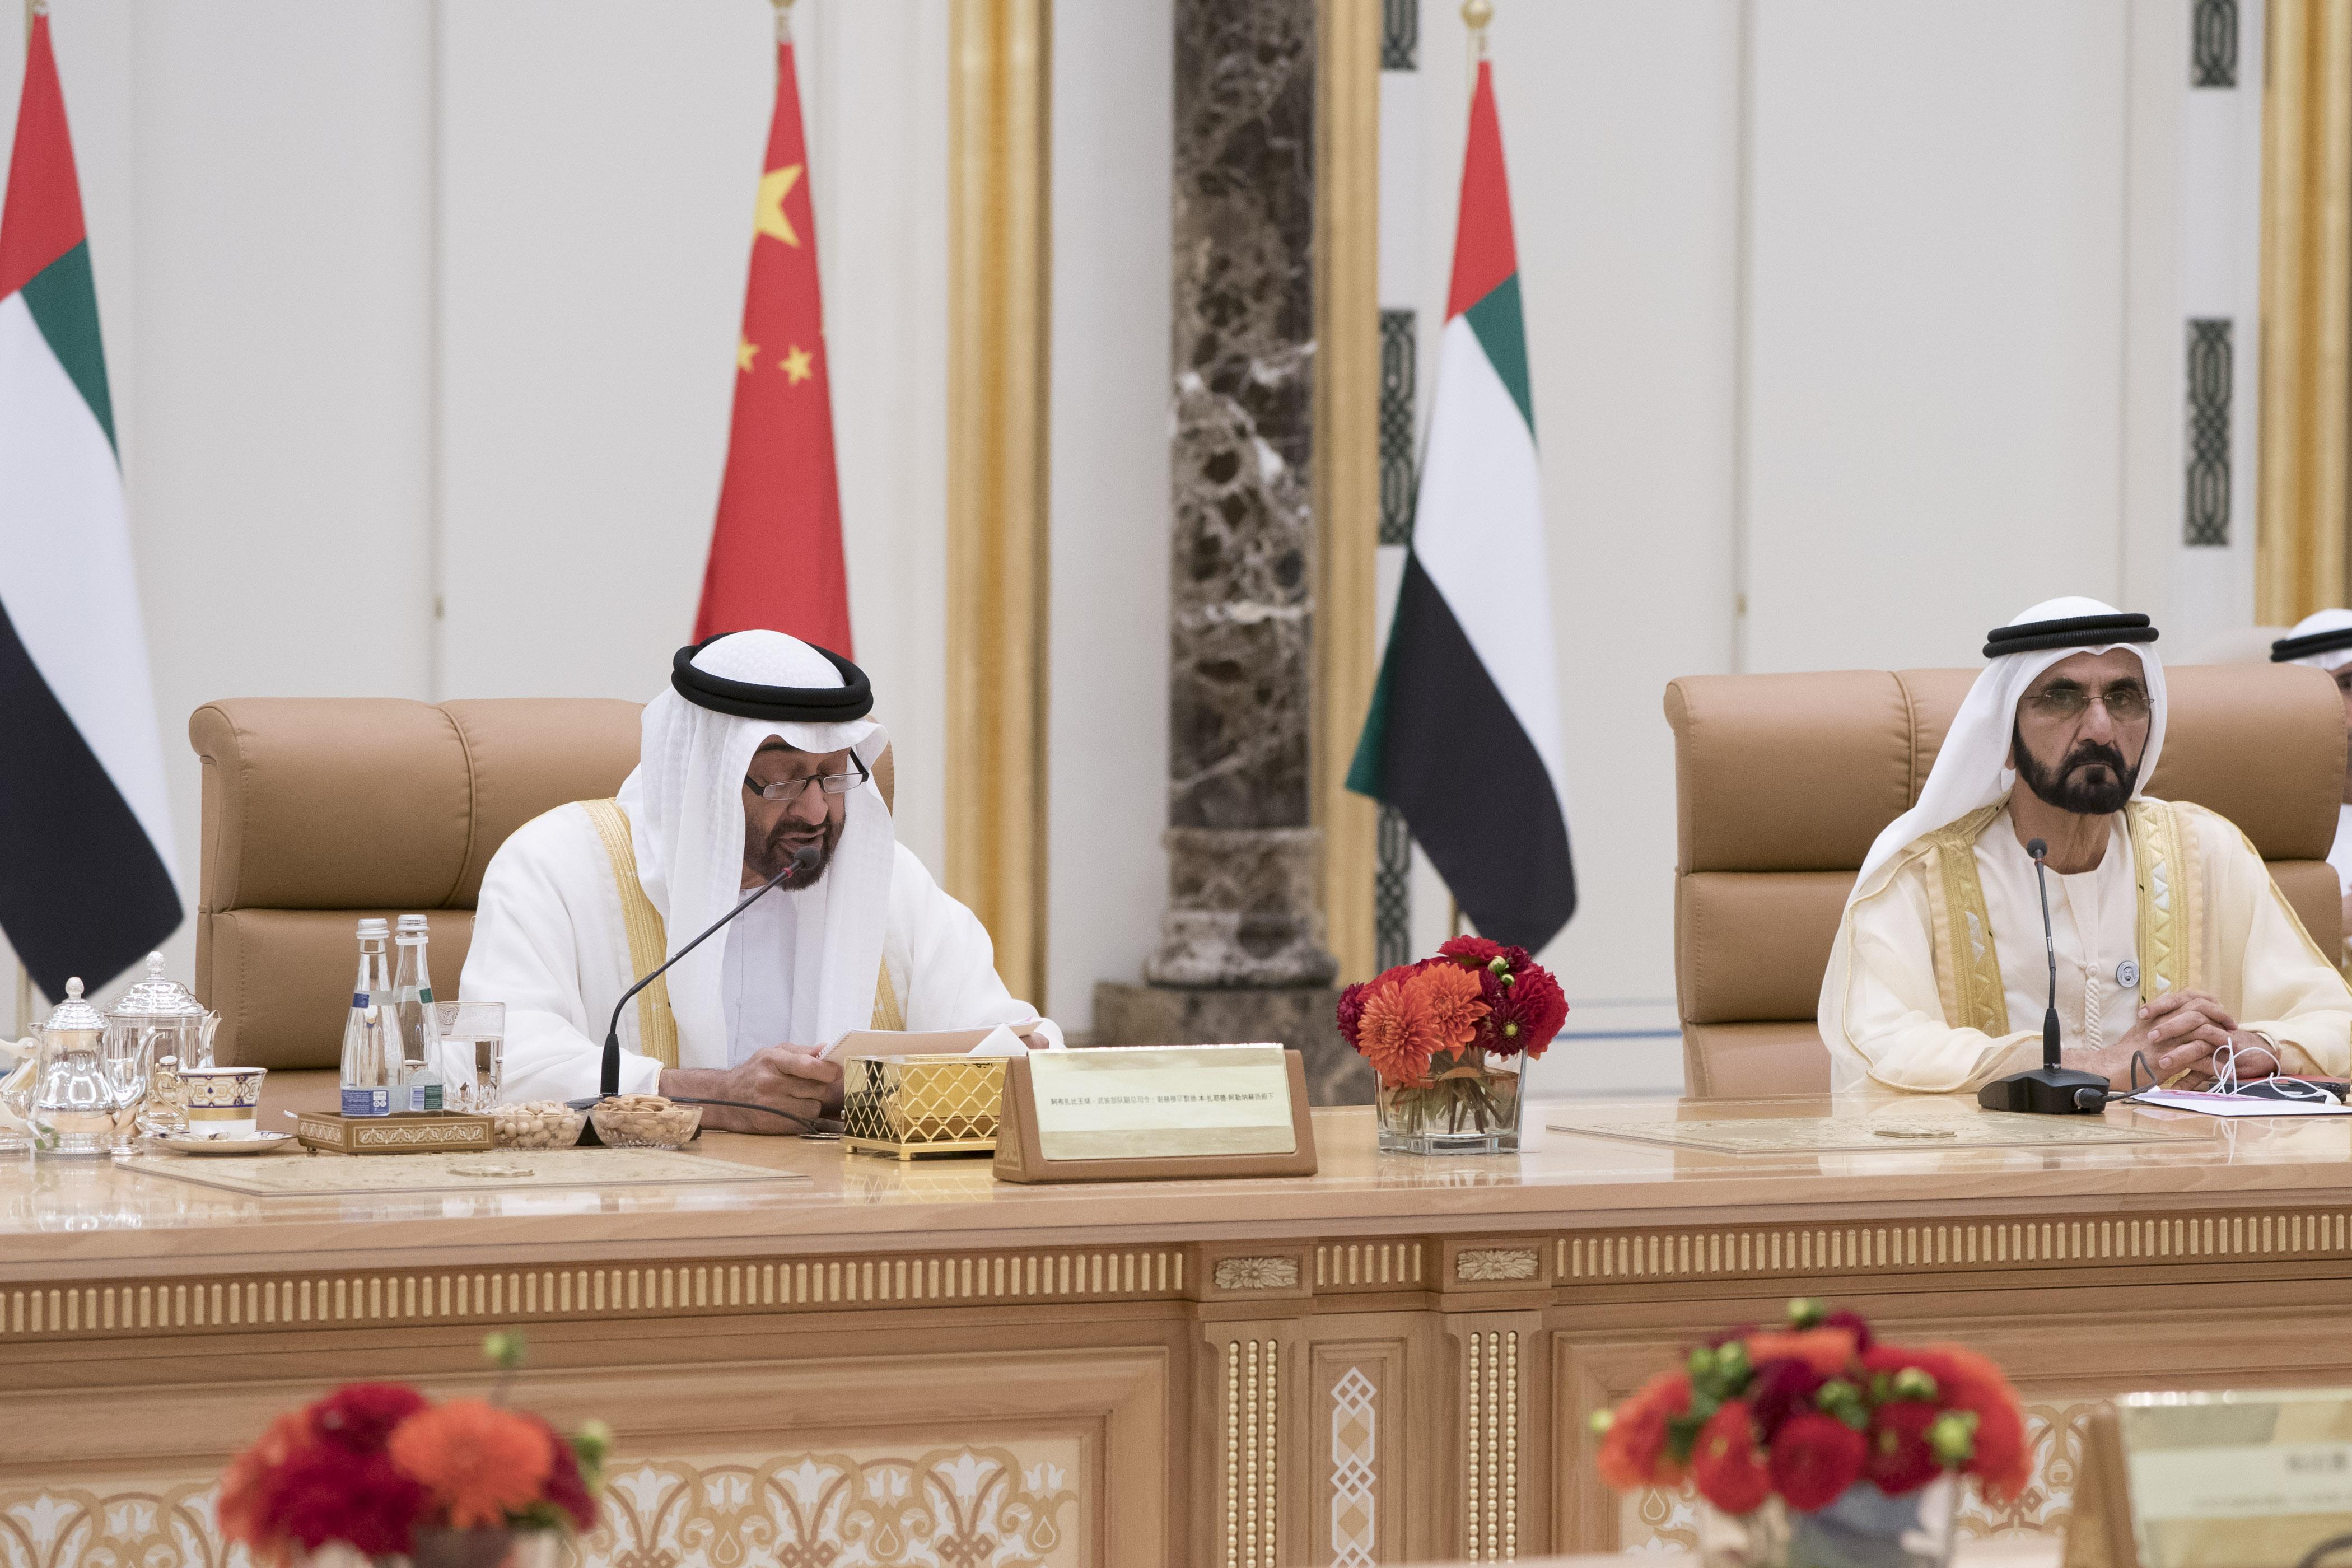 محمد بن راشد ومحمد بن زايد يبحثان مع الرئيس الصيني العلاقات الاستراتيجية بين البلدين 3